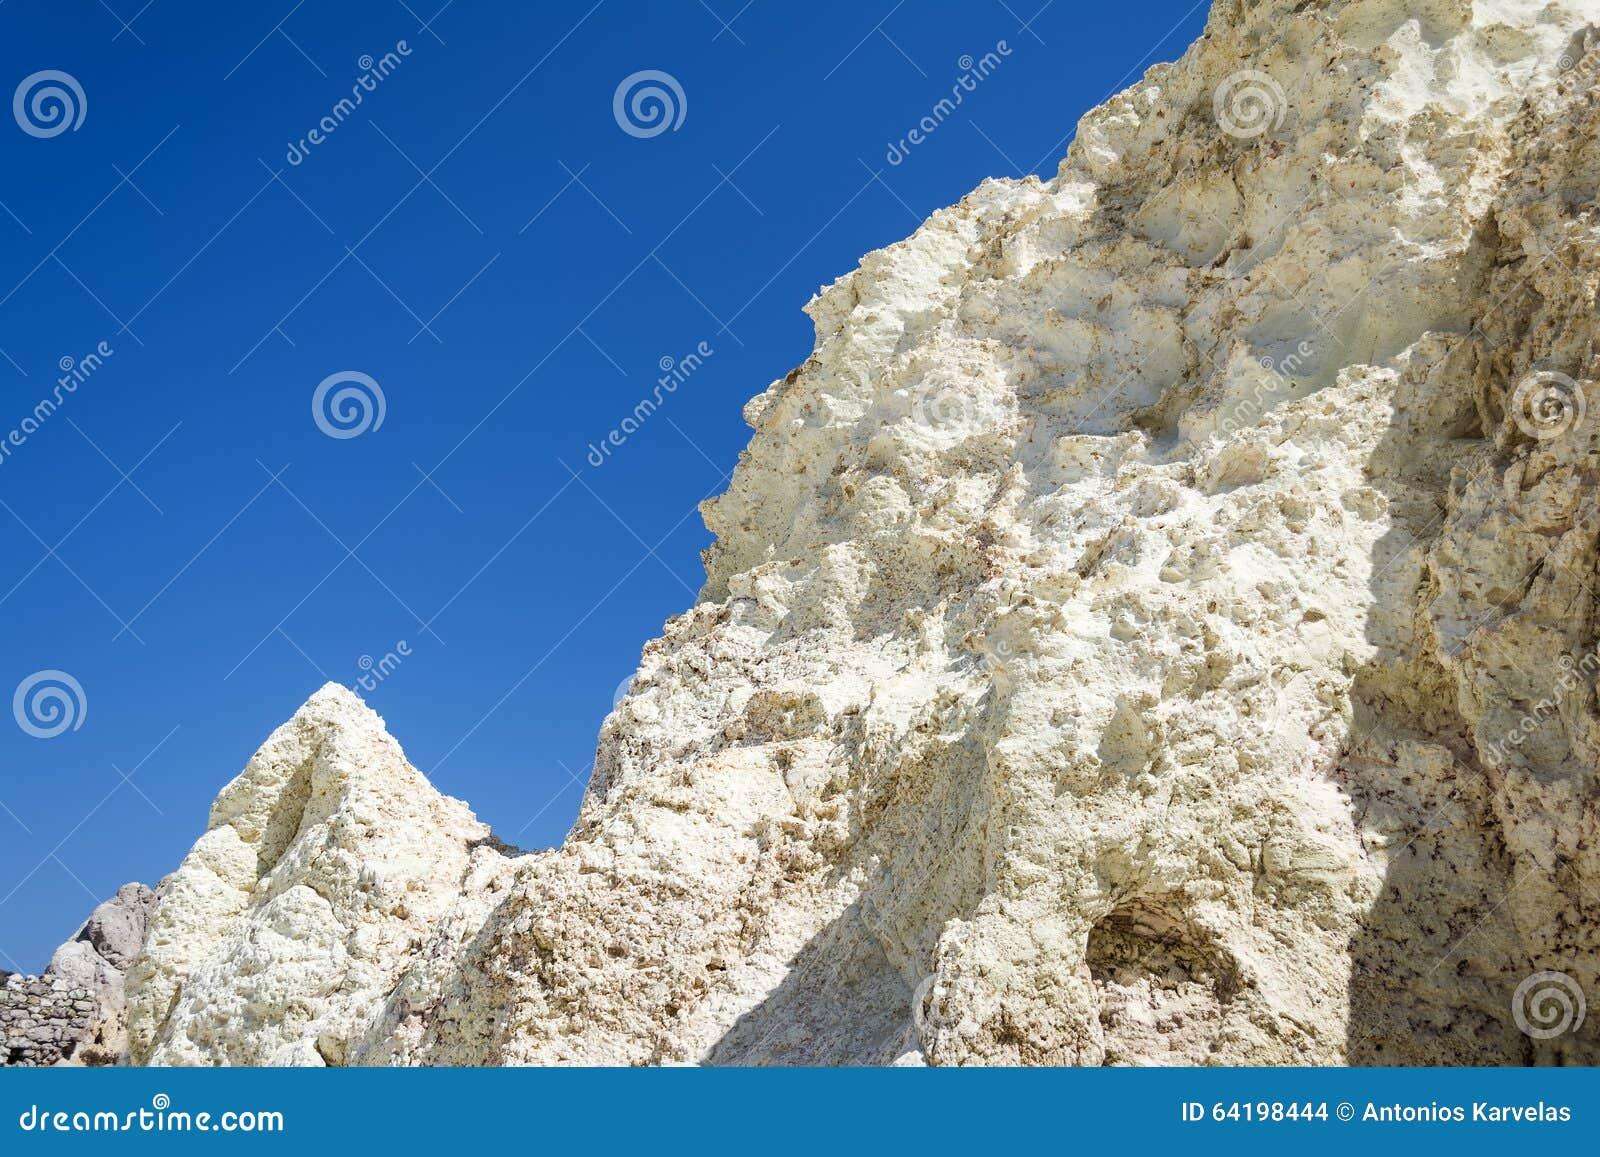 nouveau style 03a41 456b6 Formation Minérale De Roche Blanche Aux Milos île, Grèce ...